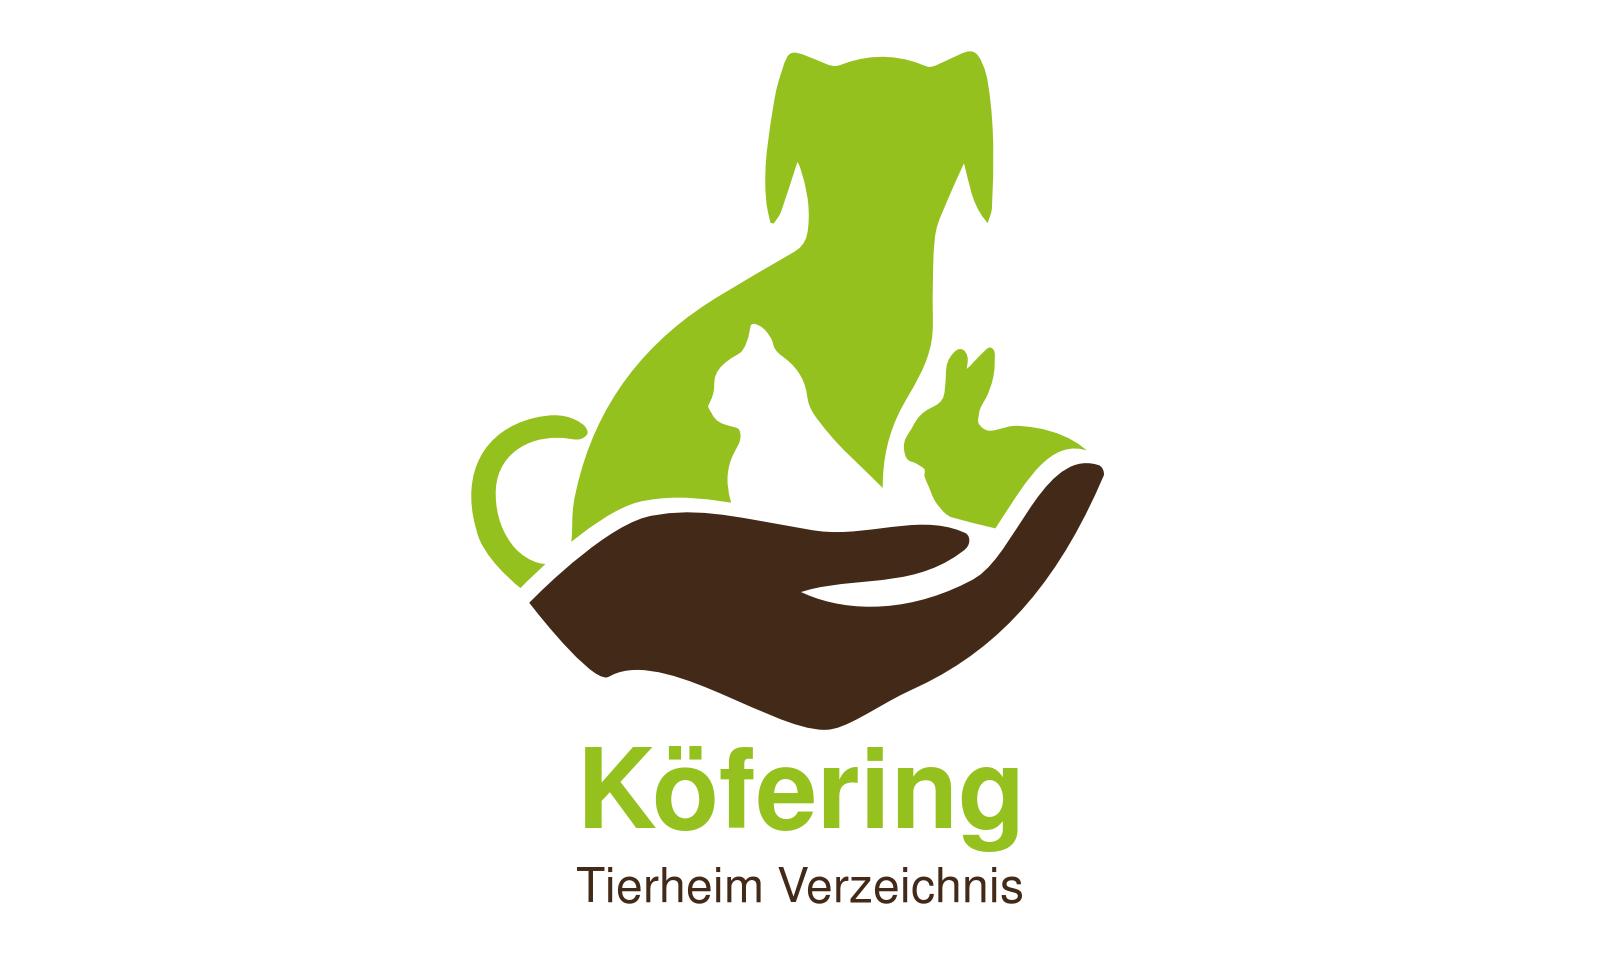 Tierheim Köfering